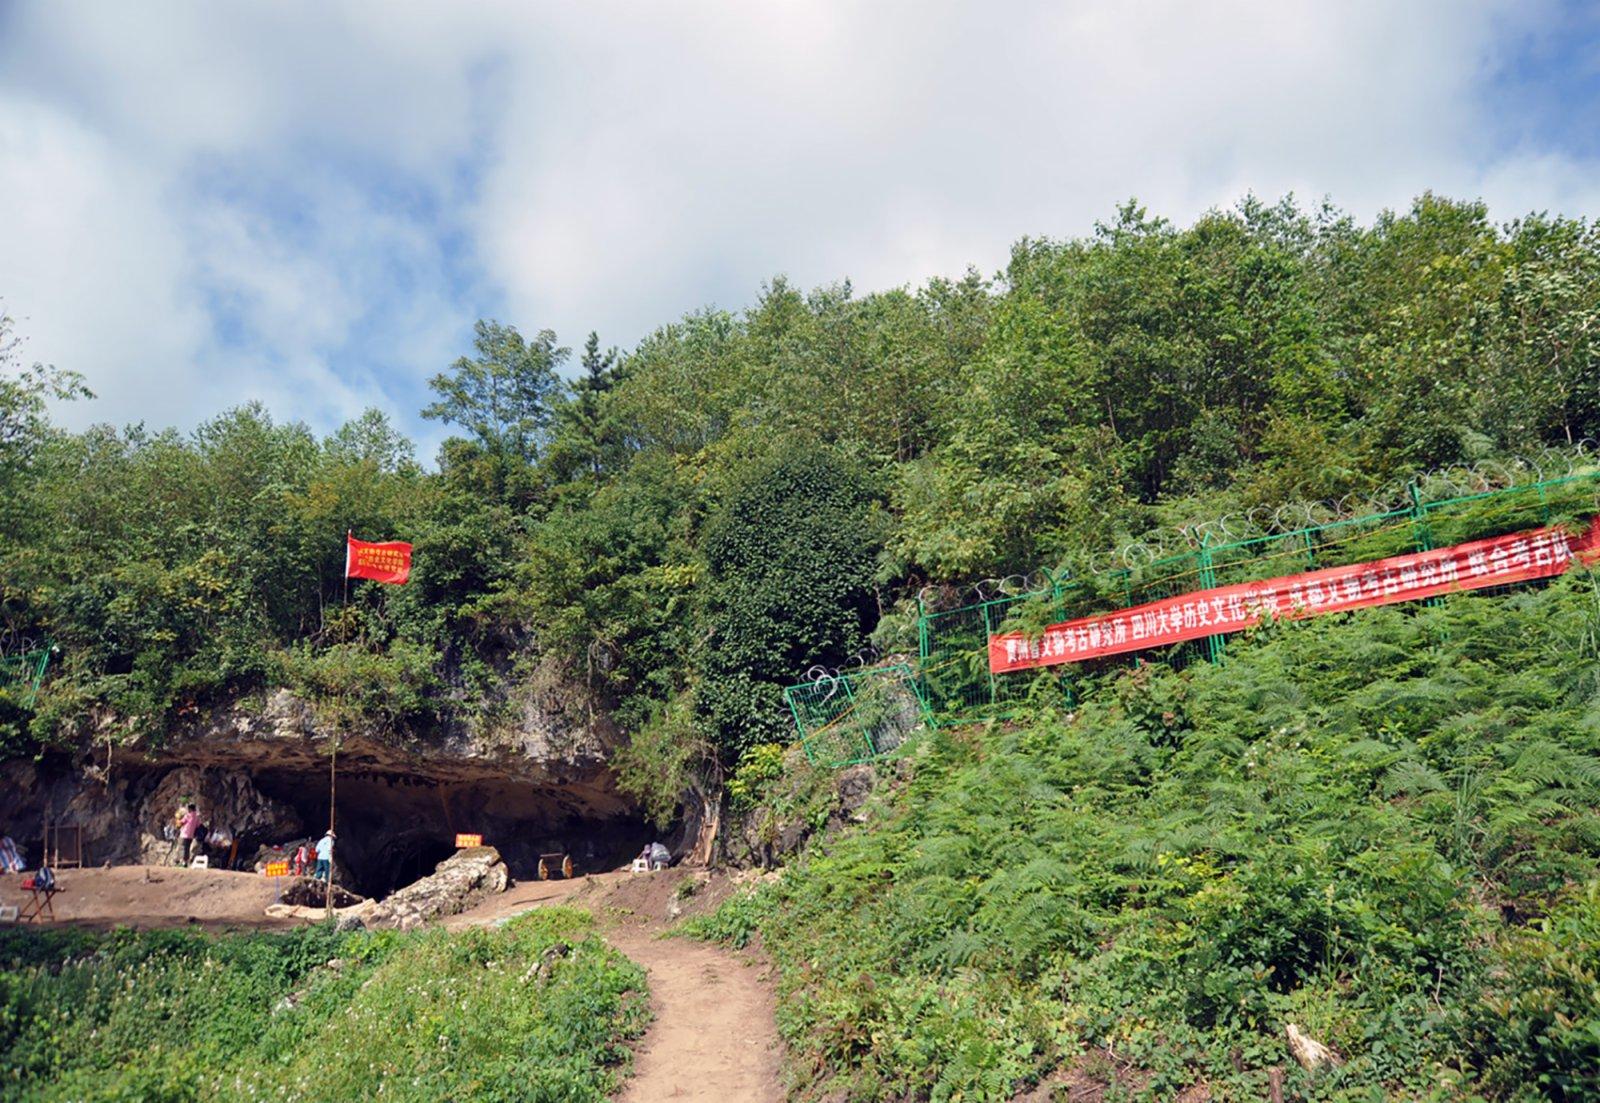 貴州貴安新區招果洞遺址外景(資料照片)。